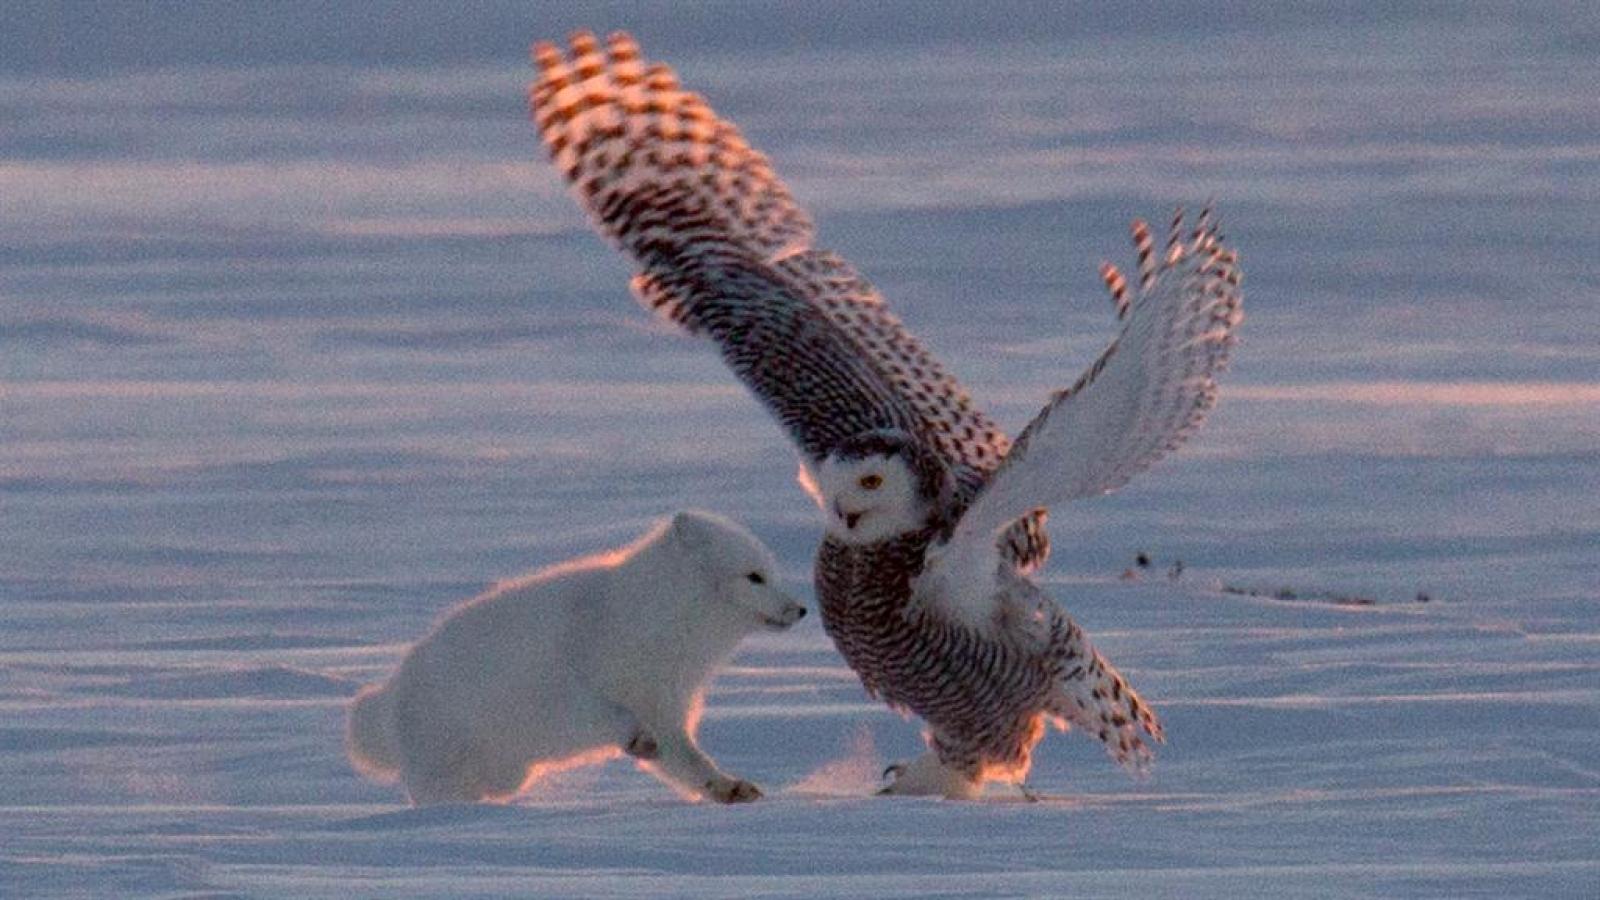 Cuộc tranh giành con mồi giữa cáo Bắc cực và cú tuyết